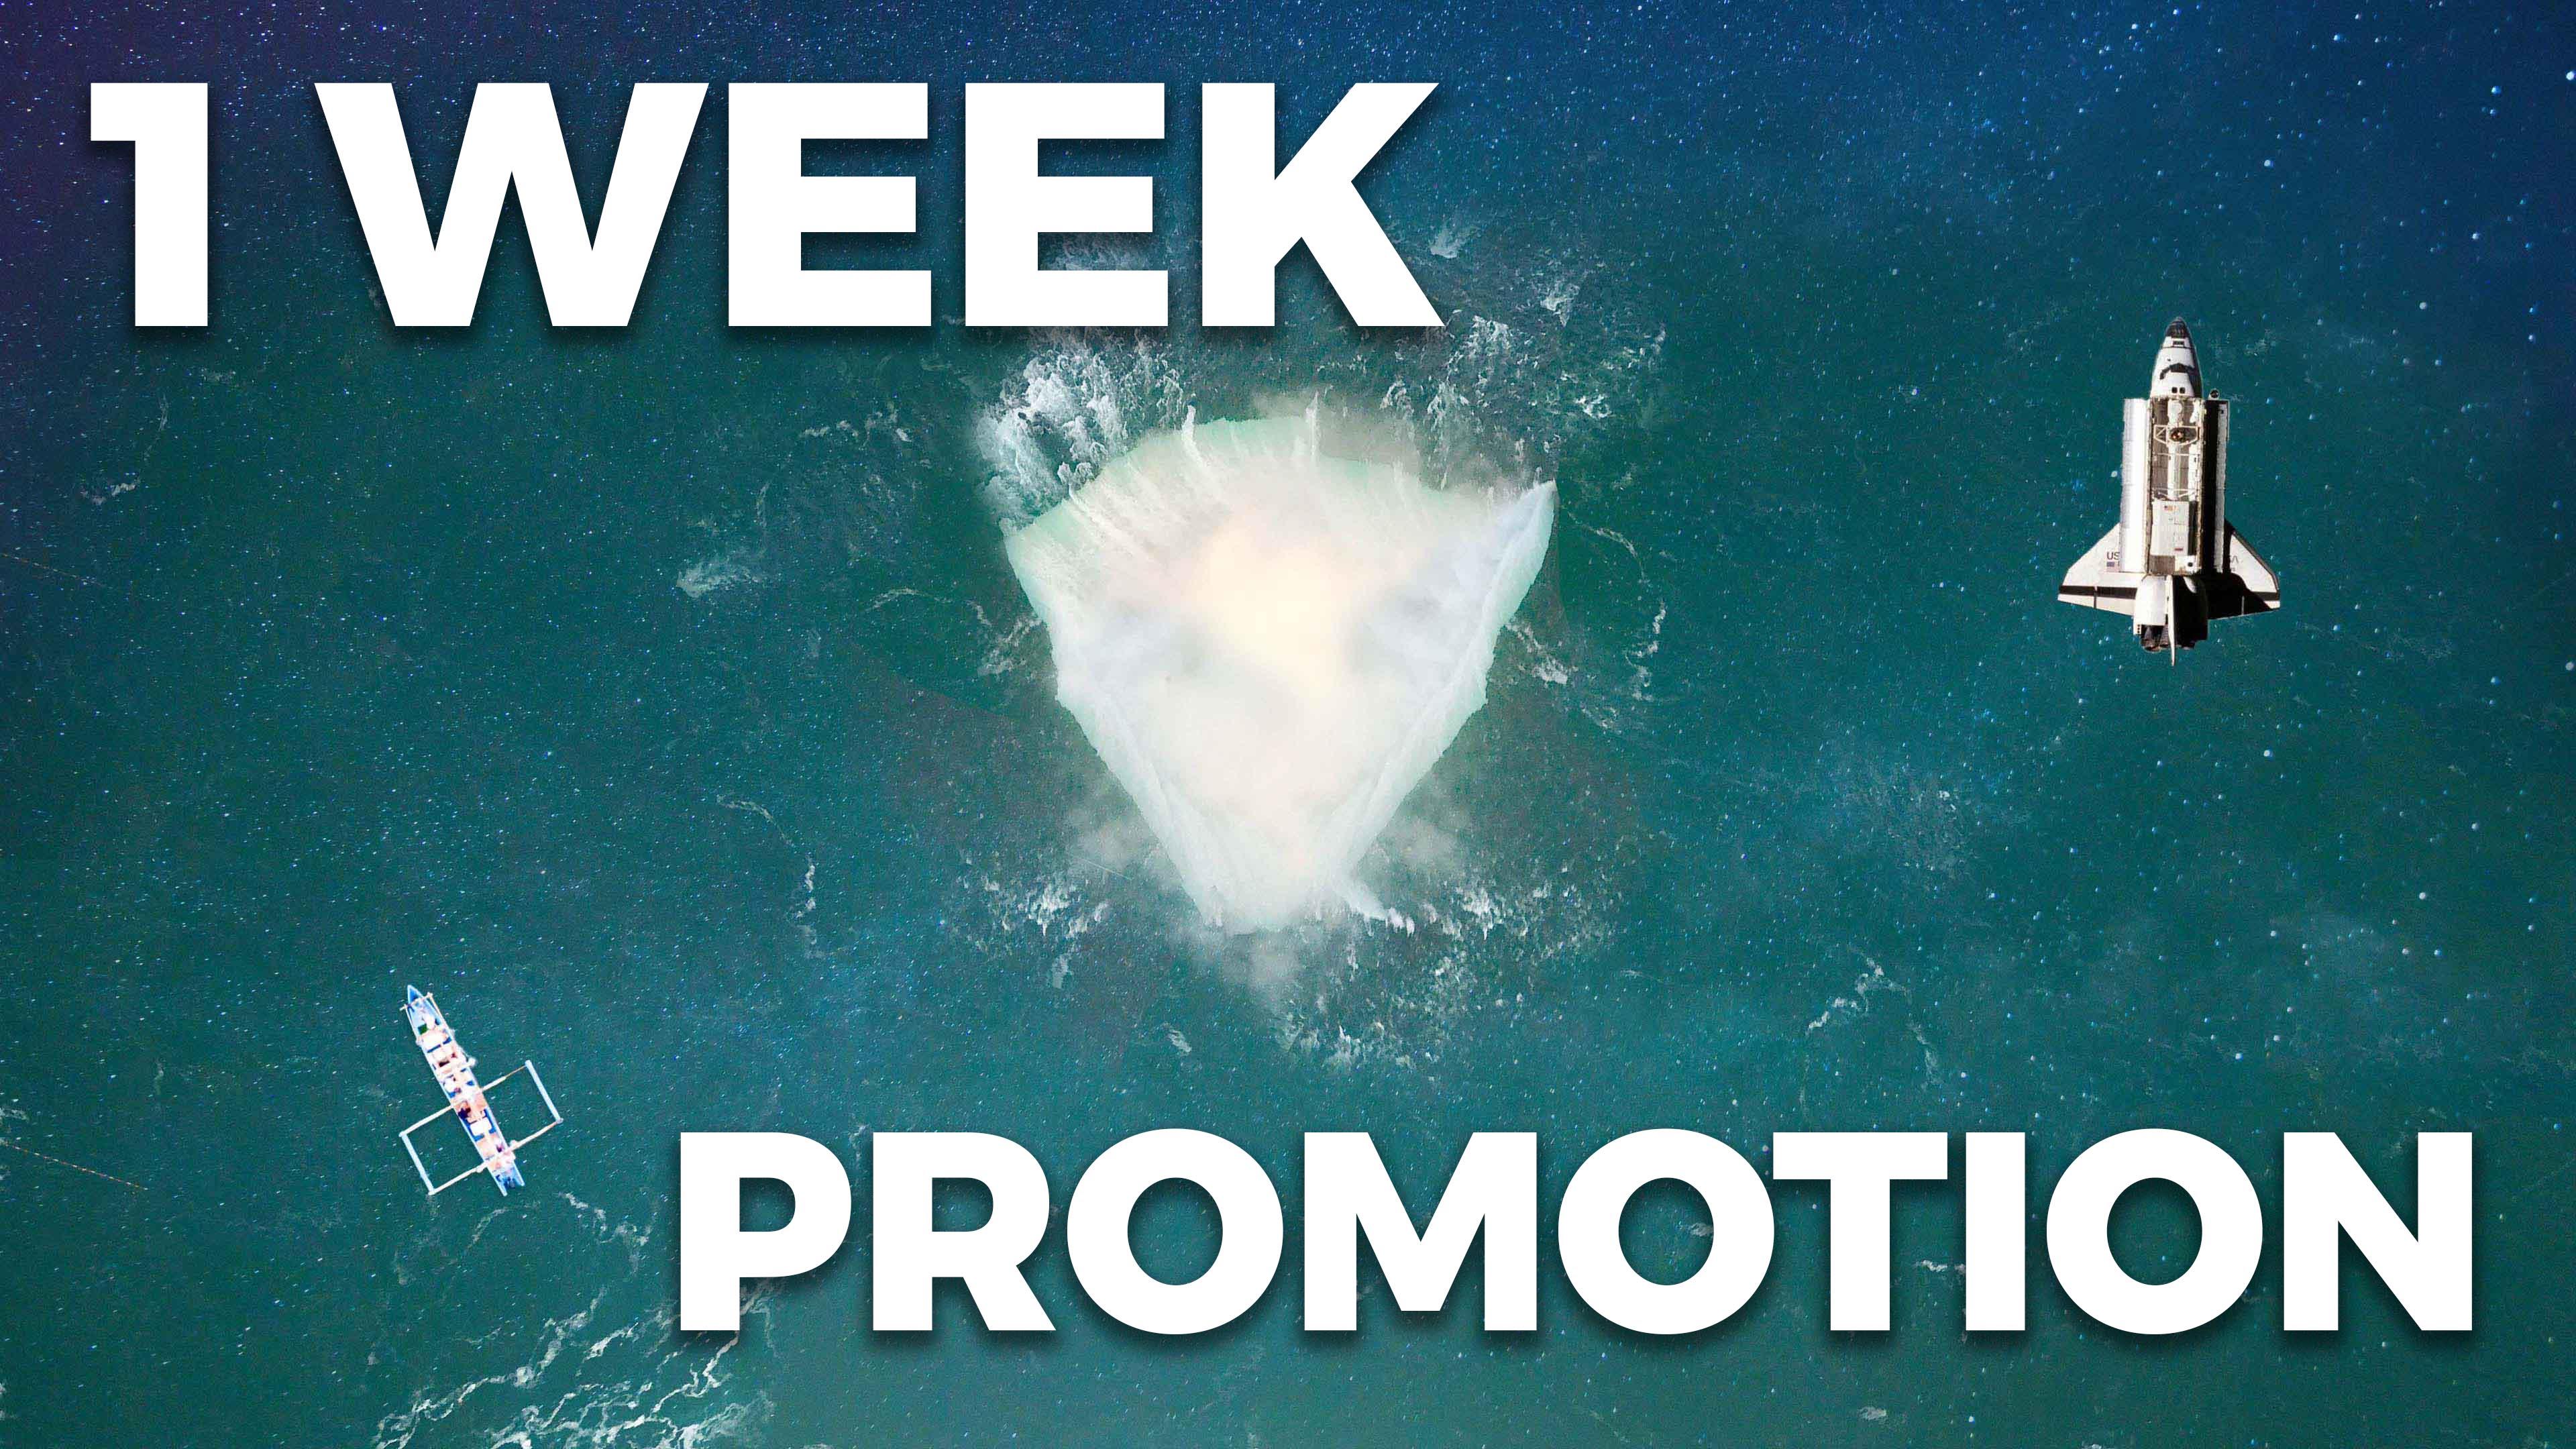 Advertising - 1 week